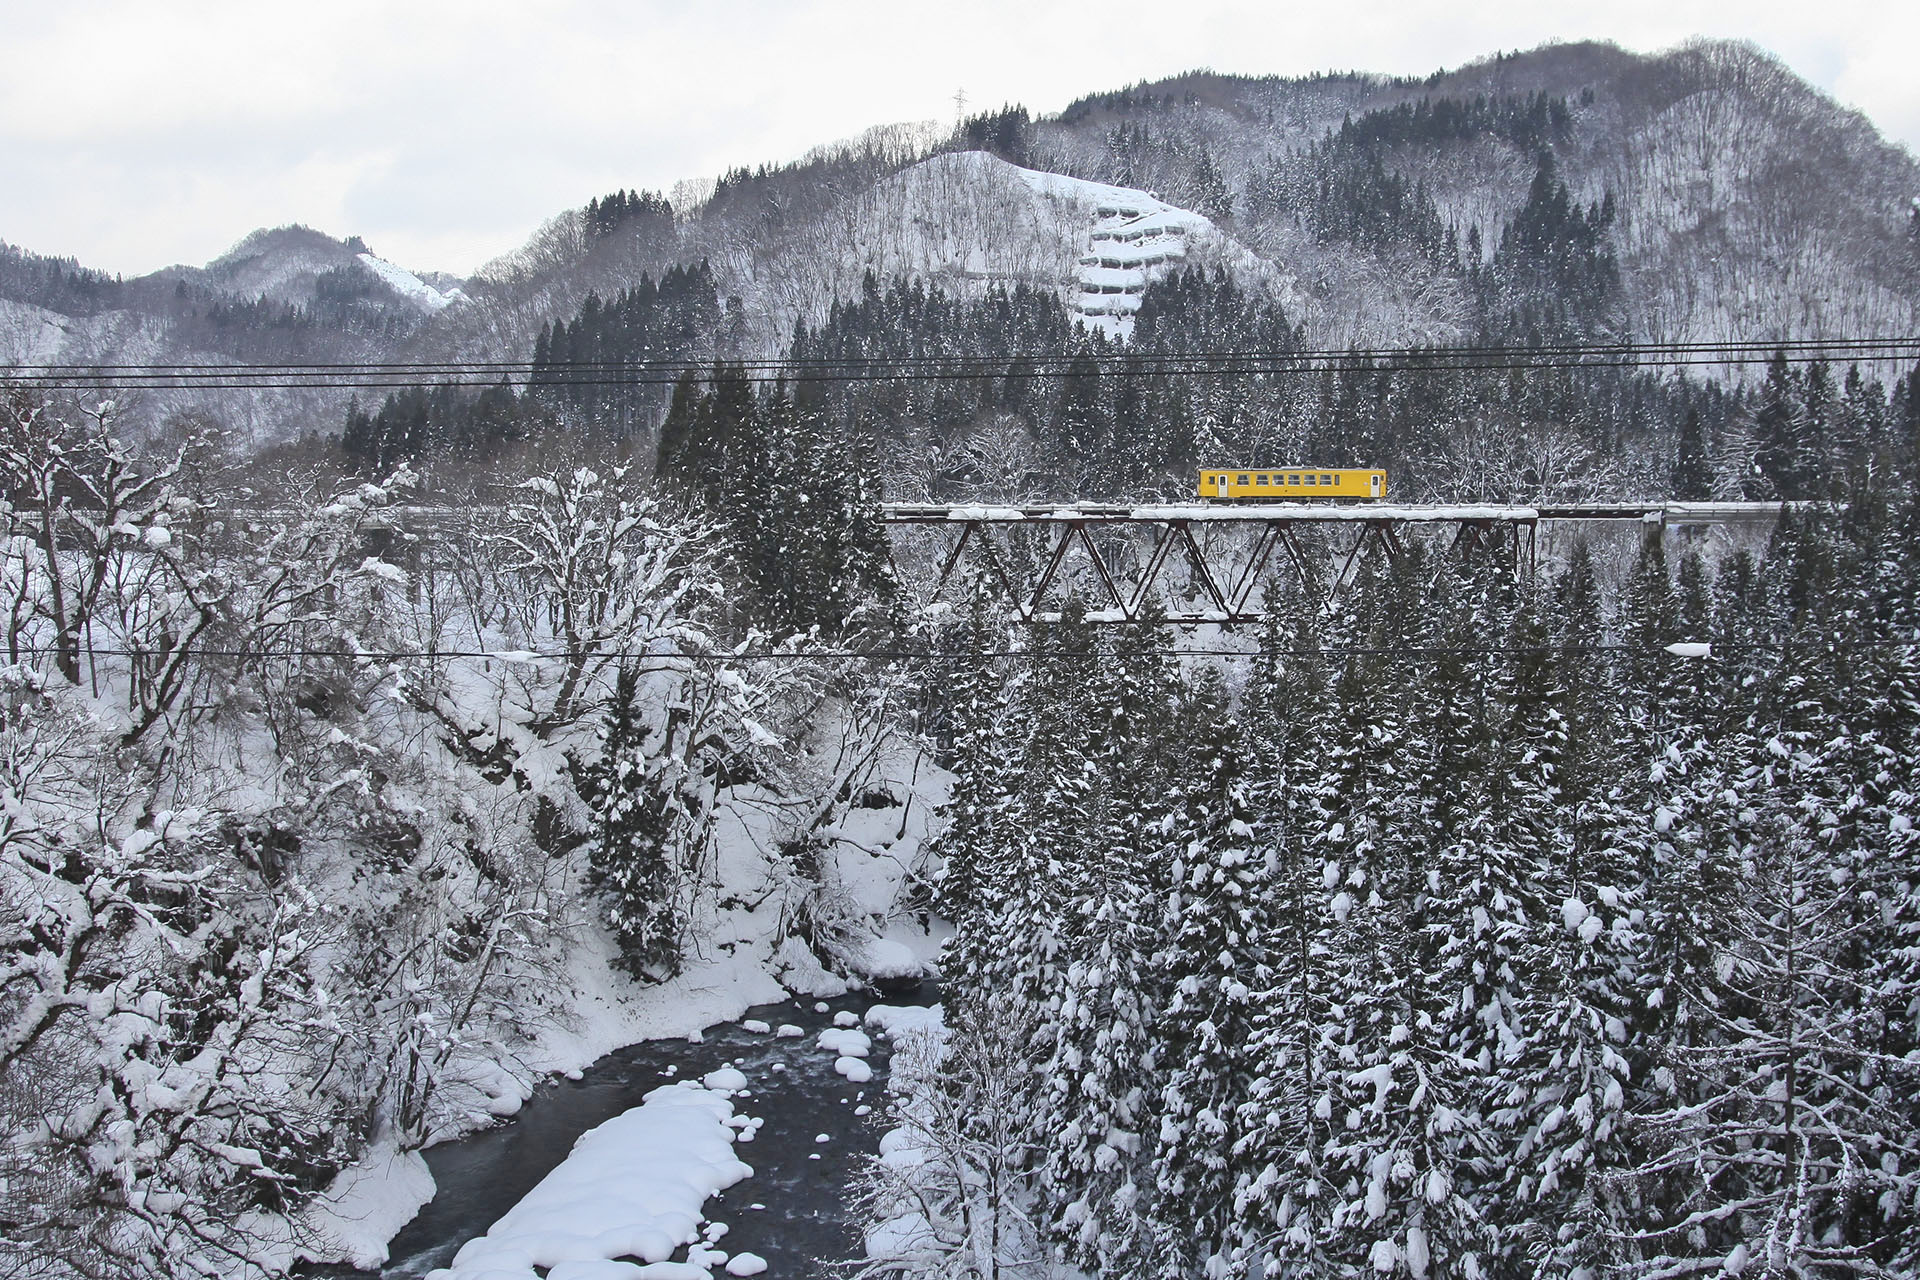 冬の秋田内陸縦貫鉄道 秋田内陸線